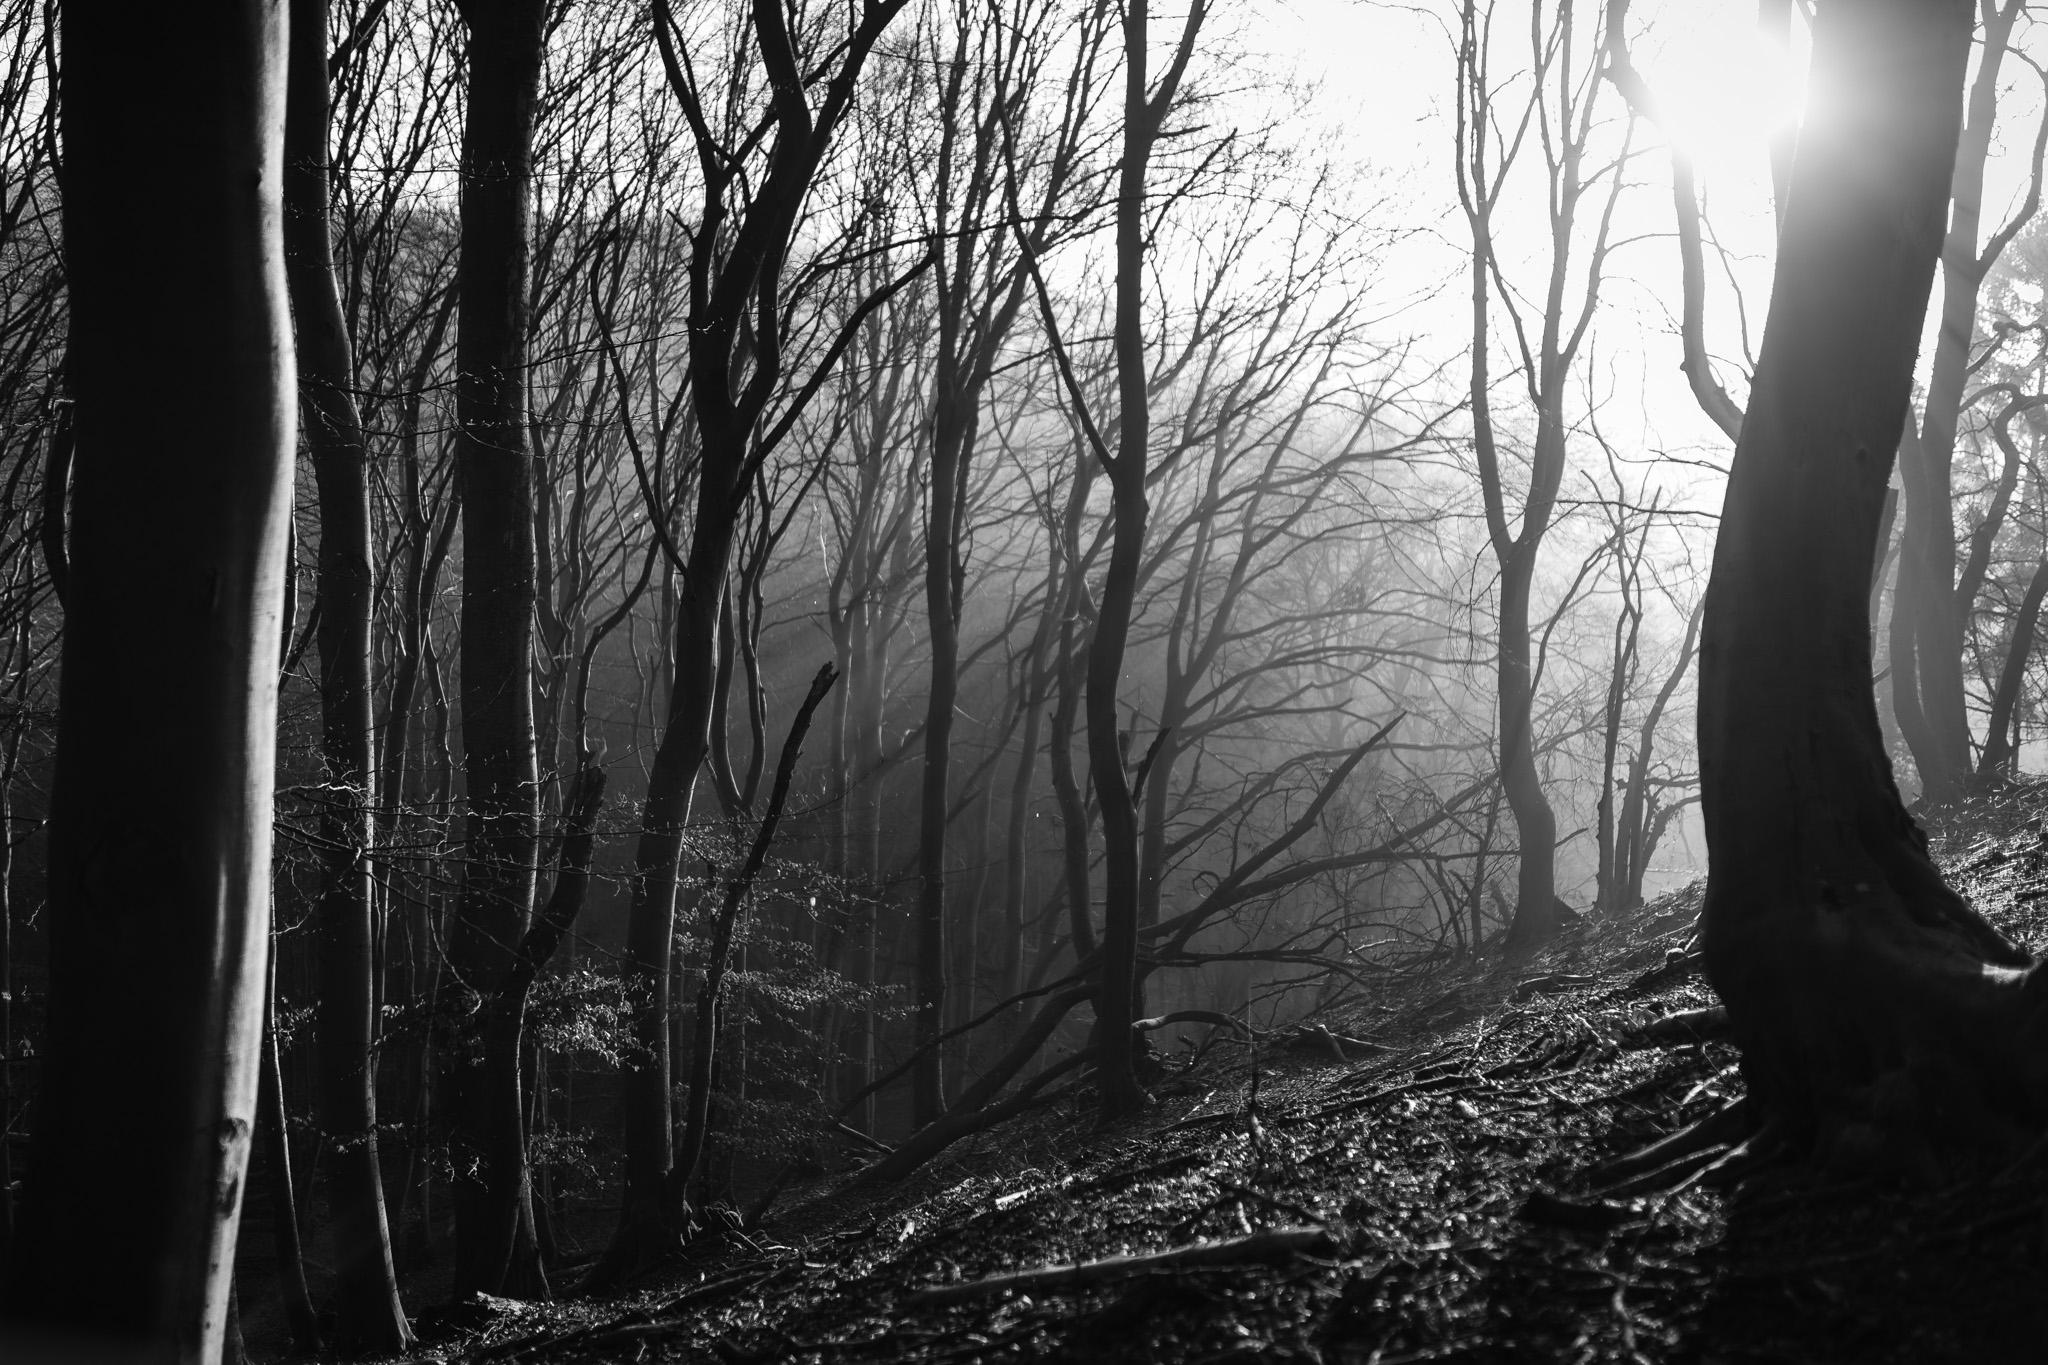 Mystische Waldstimmung - Iso31 /f1,4 / 1/800 Sekunden